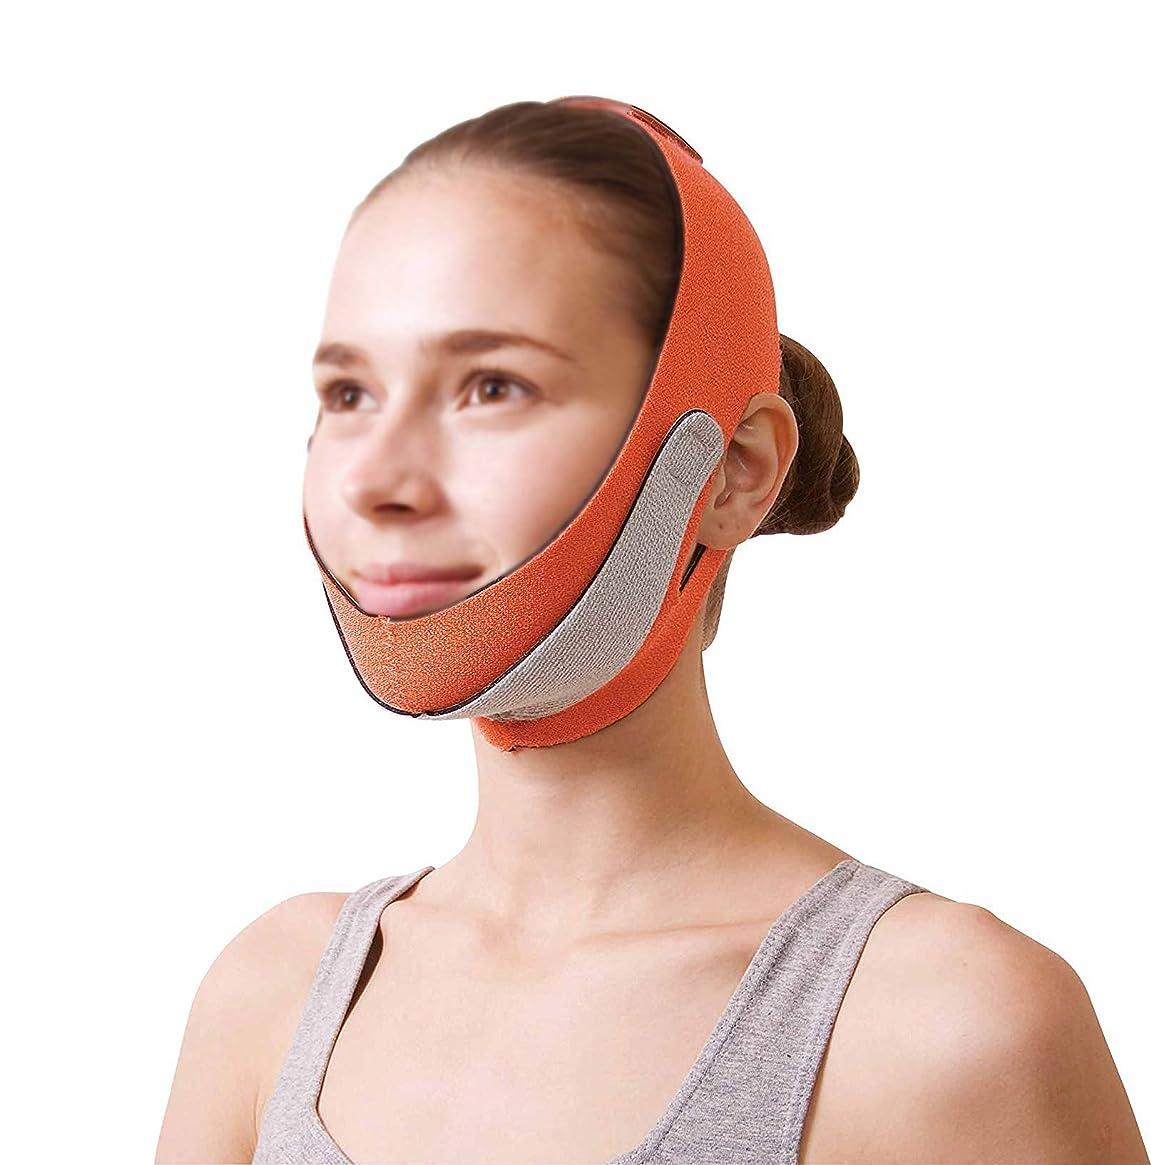 保存超越する葉GLJJQMY 薄いフェイスマスクあごストラップ回復パッチ包帯ヘッドマスクフェイシャルマスクフェイシャルマスクアーティファクト美容フェイシャルとネックリフトオレンジマスク 顔用整形マスク